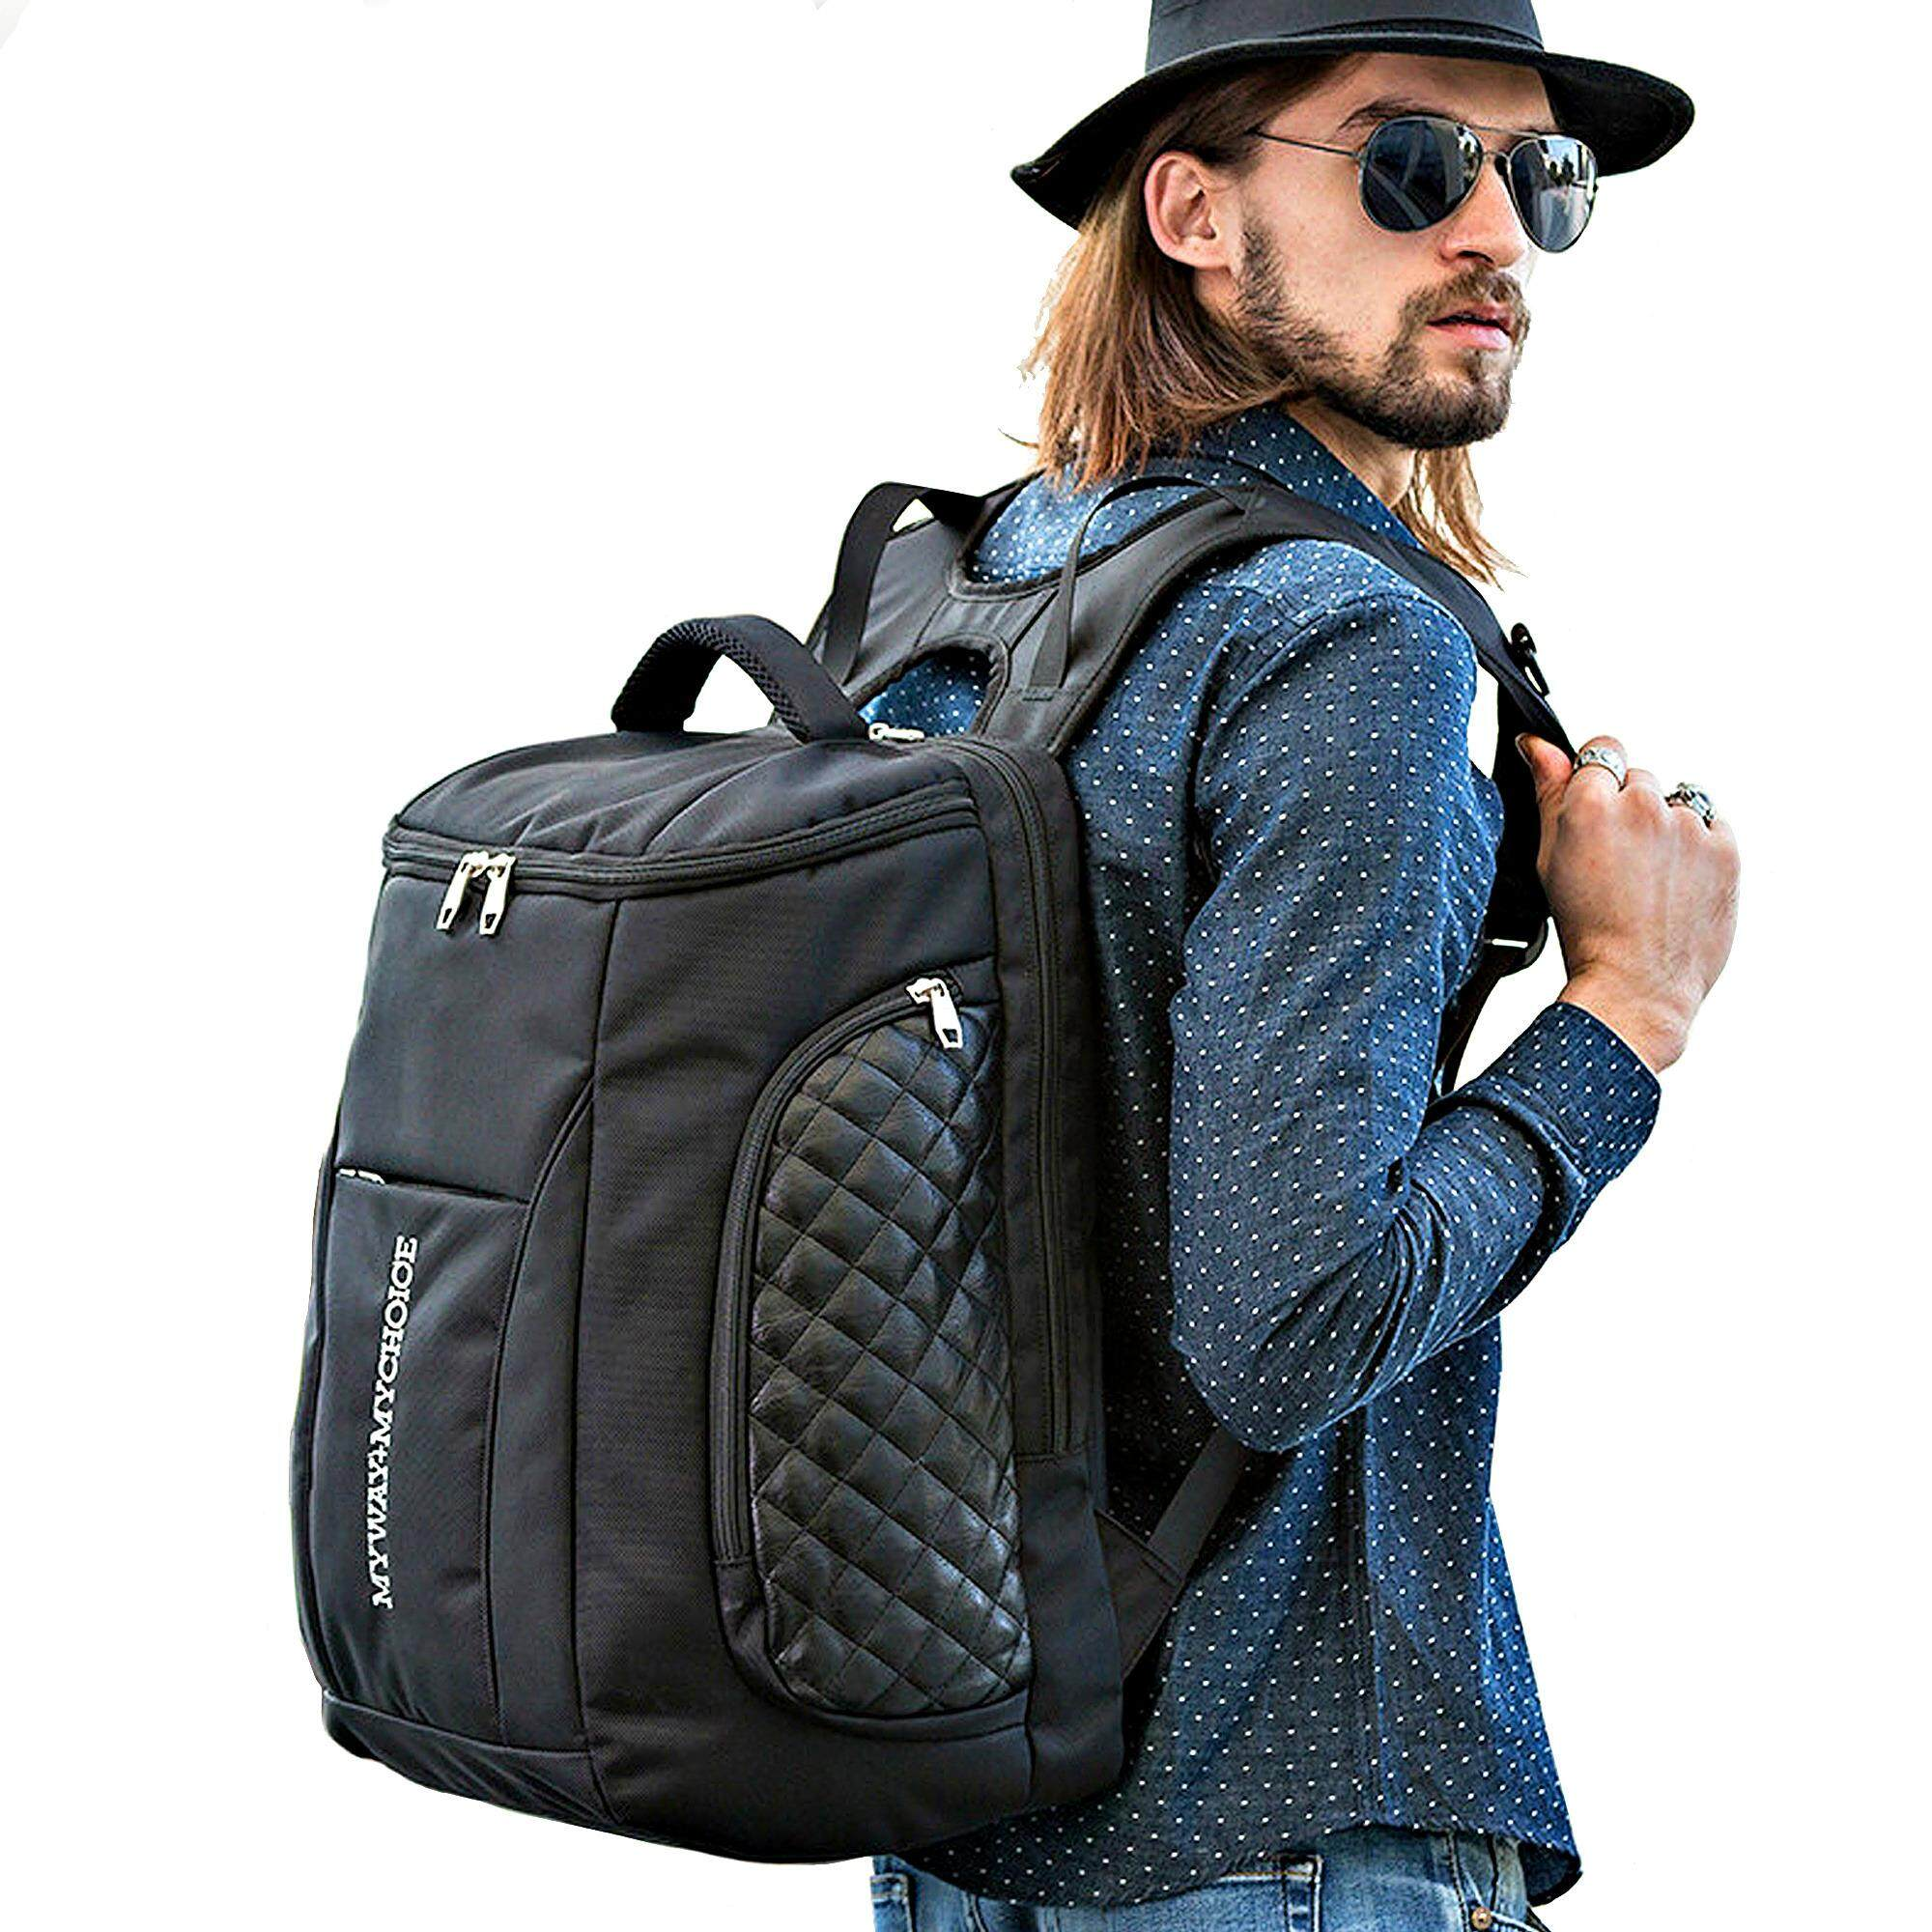 ขาย Men S Bags กระเป๋า Backpack กระเป๋าเป้สะพายหลัง กระเป๋าเป้ใส่โน๊ตบุ๊คและแท็บเล็ต กระเป๋าเป้เดินทาง ใบใหญ่ สีดำ ออนไลน์